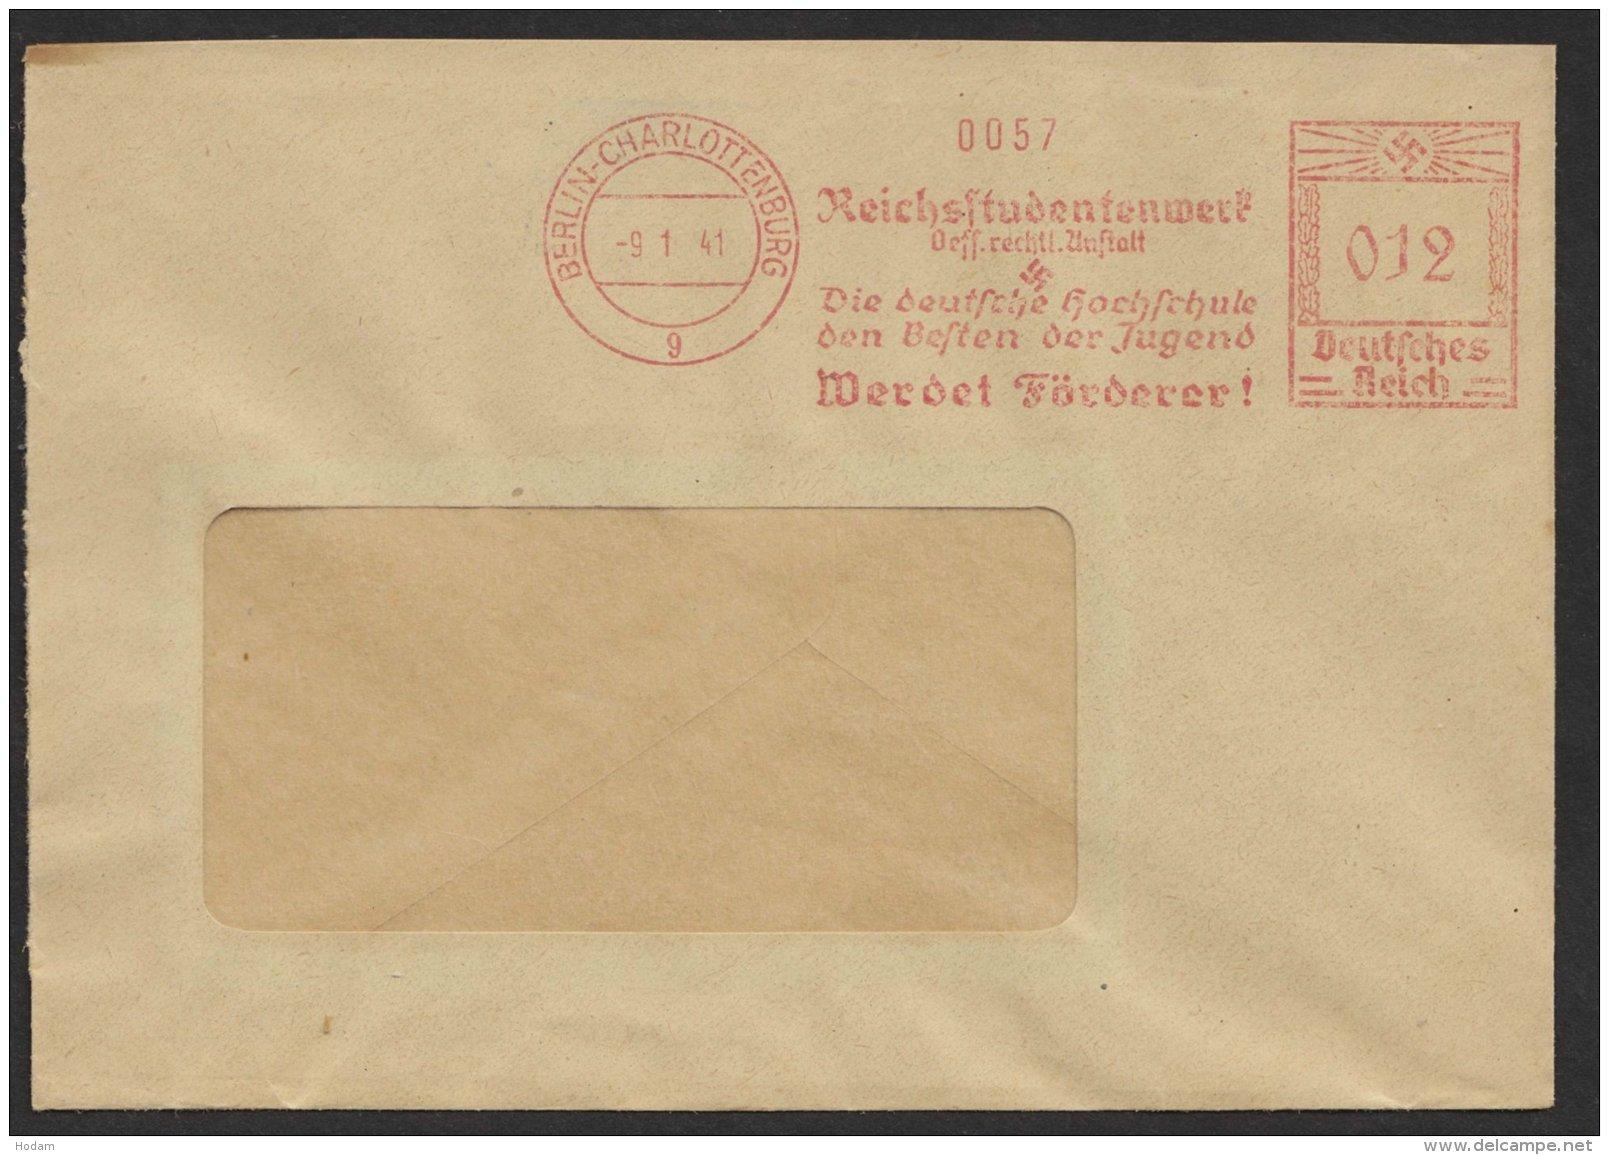 """""""Berlin- Charlottenburg"""", """"Reichsstudentenwerk"""", 1941, Dek. Und Seltener Stempel - Deutschland"""